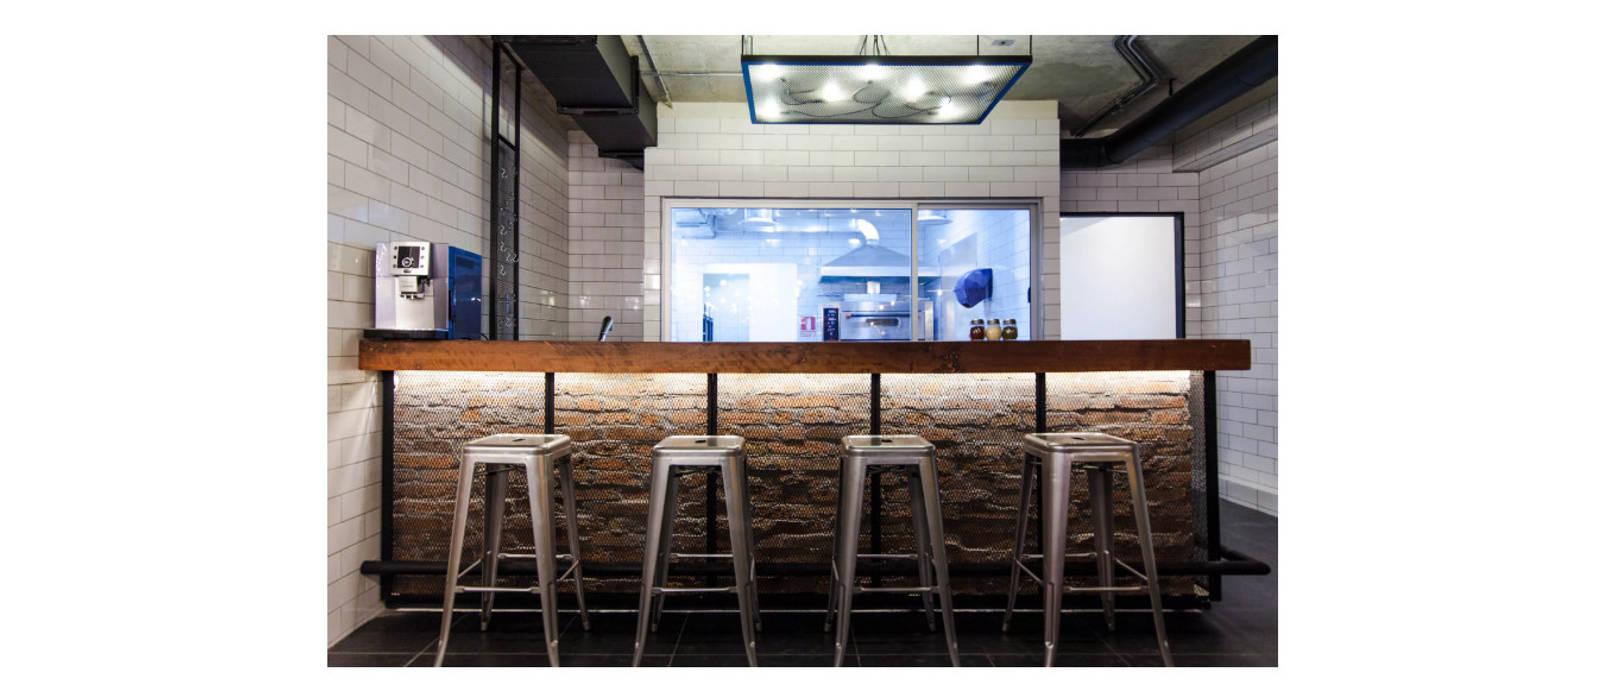 Barra y cocina: Bares y clubs de estilo  por ESPACIO 6280